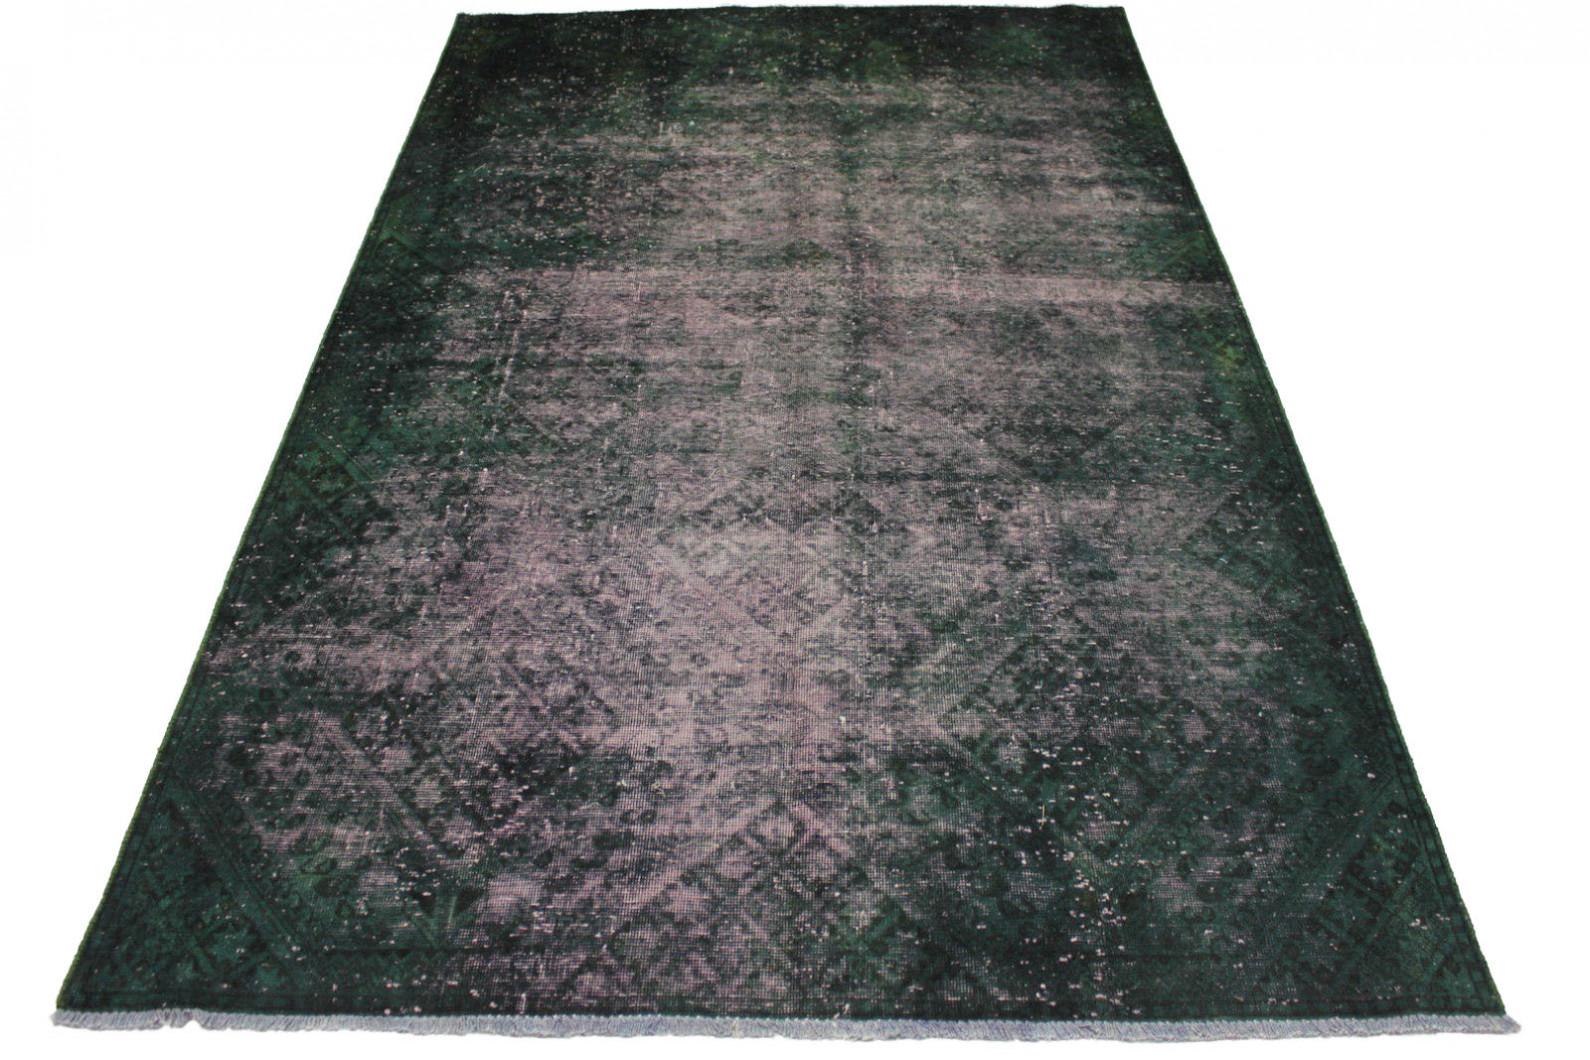 e953adaec783c Vintage Rug Green in 260x160cm (1001-2938) buy online at carpetido.de